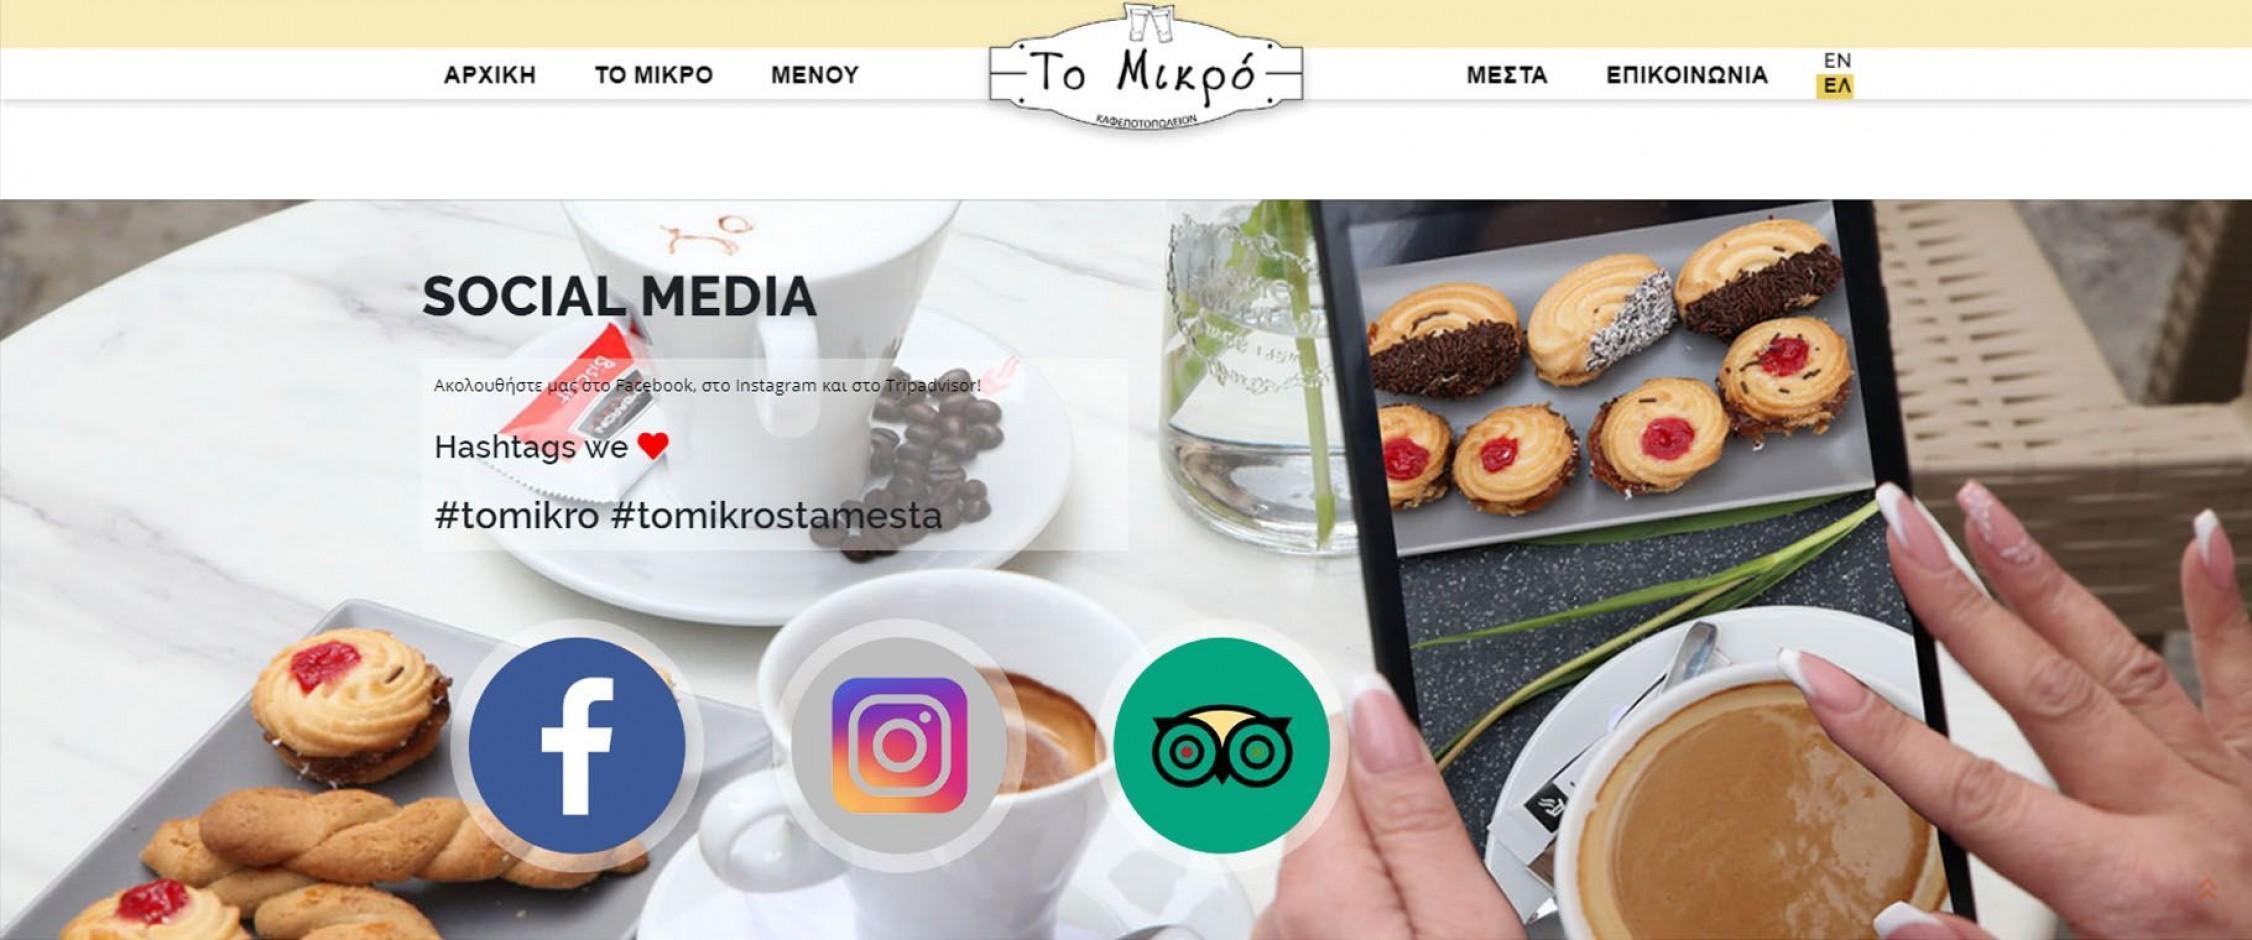 """Καφεποτοπωλείον """"Το Μικρό"""" στα Μεστά της Χίου"""